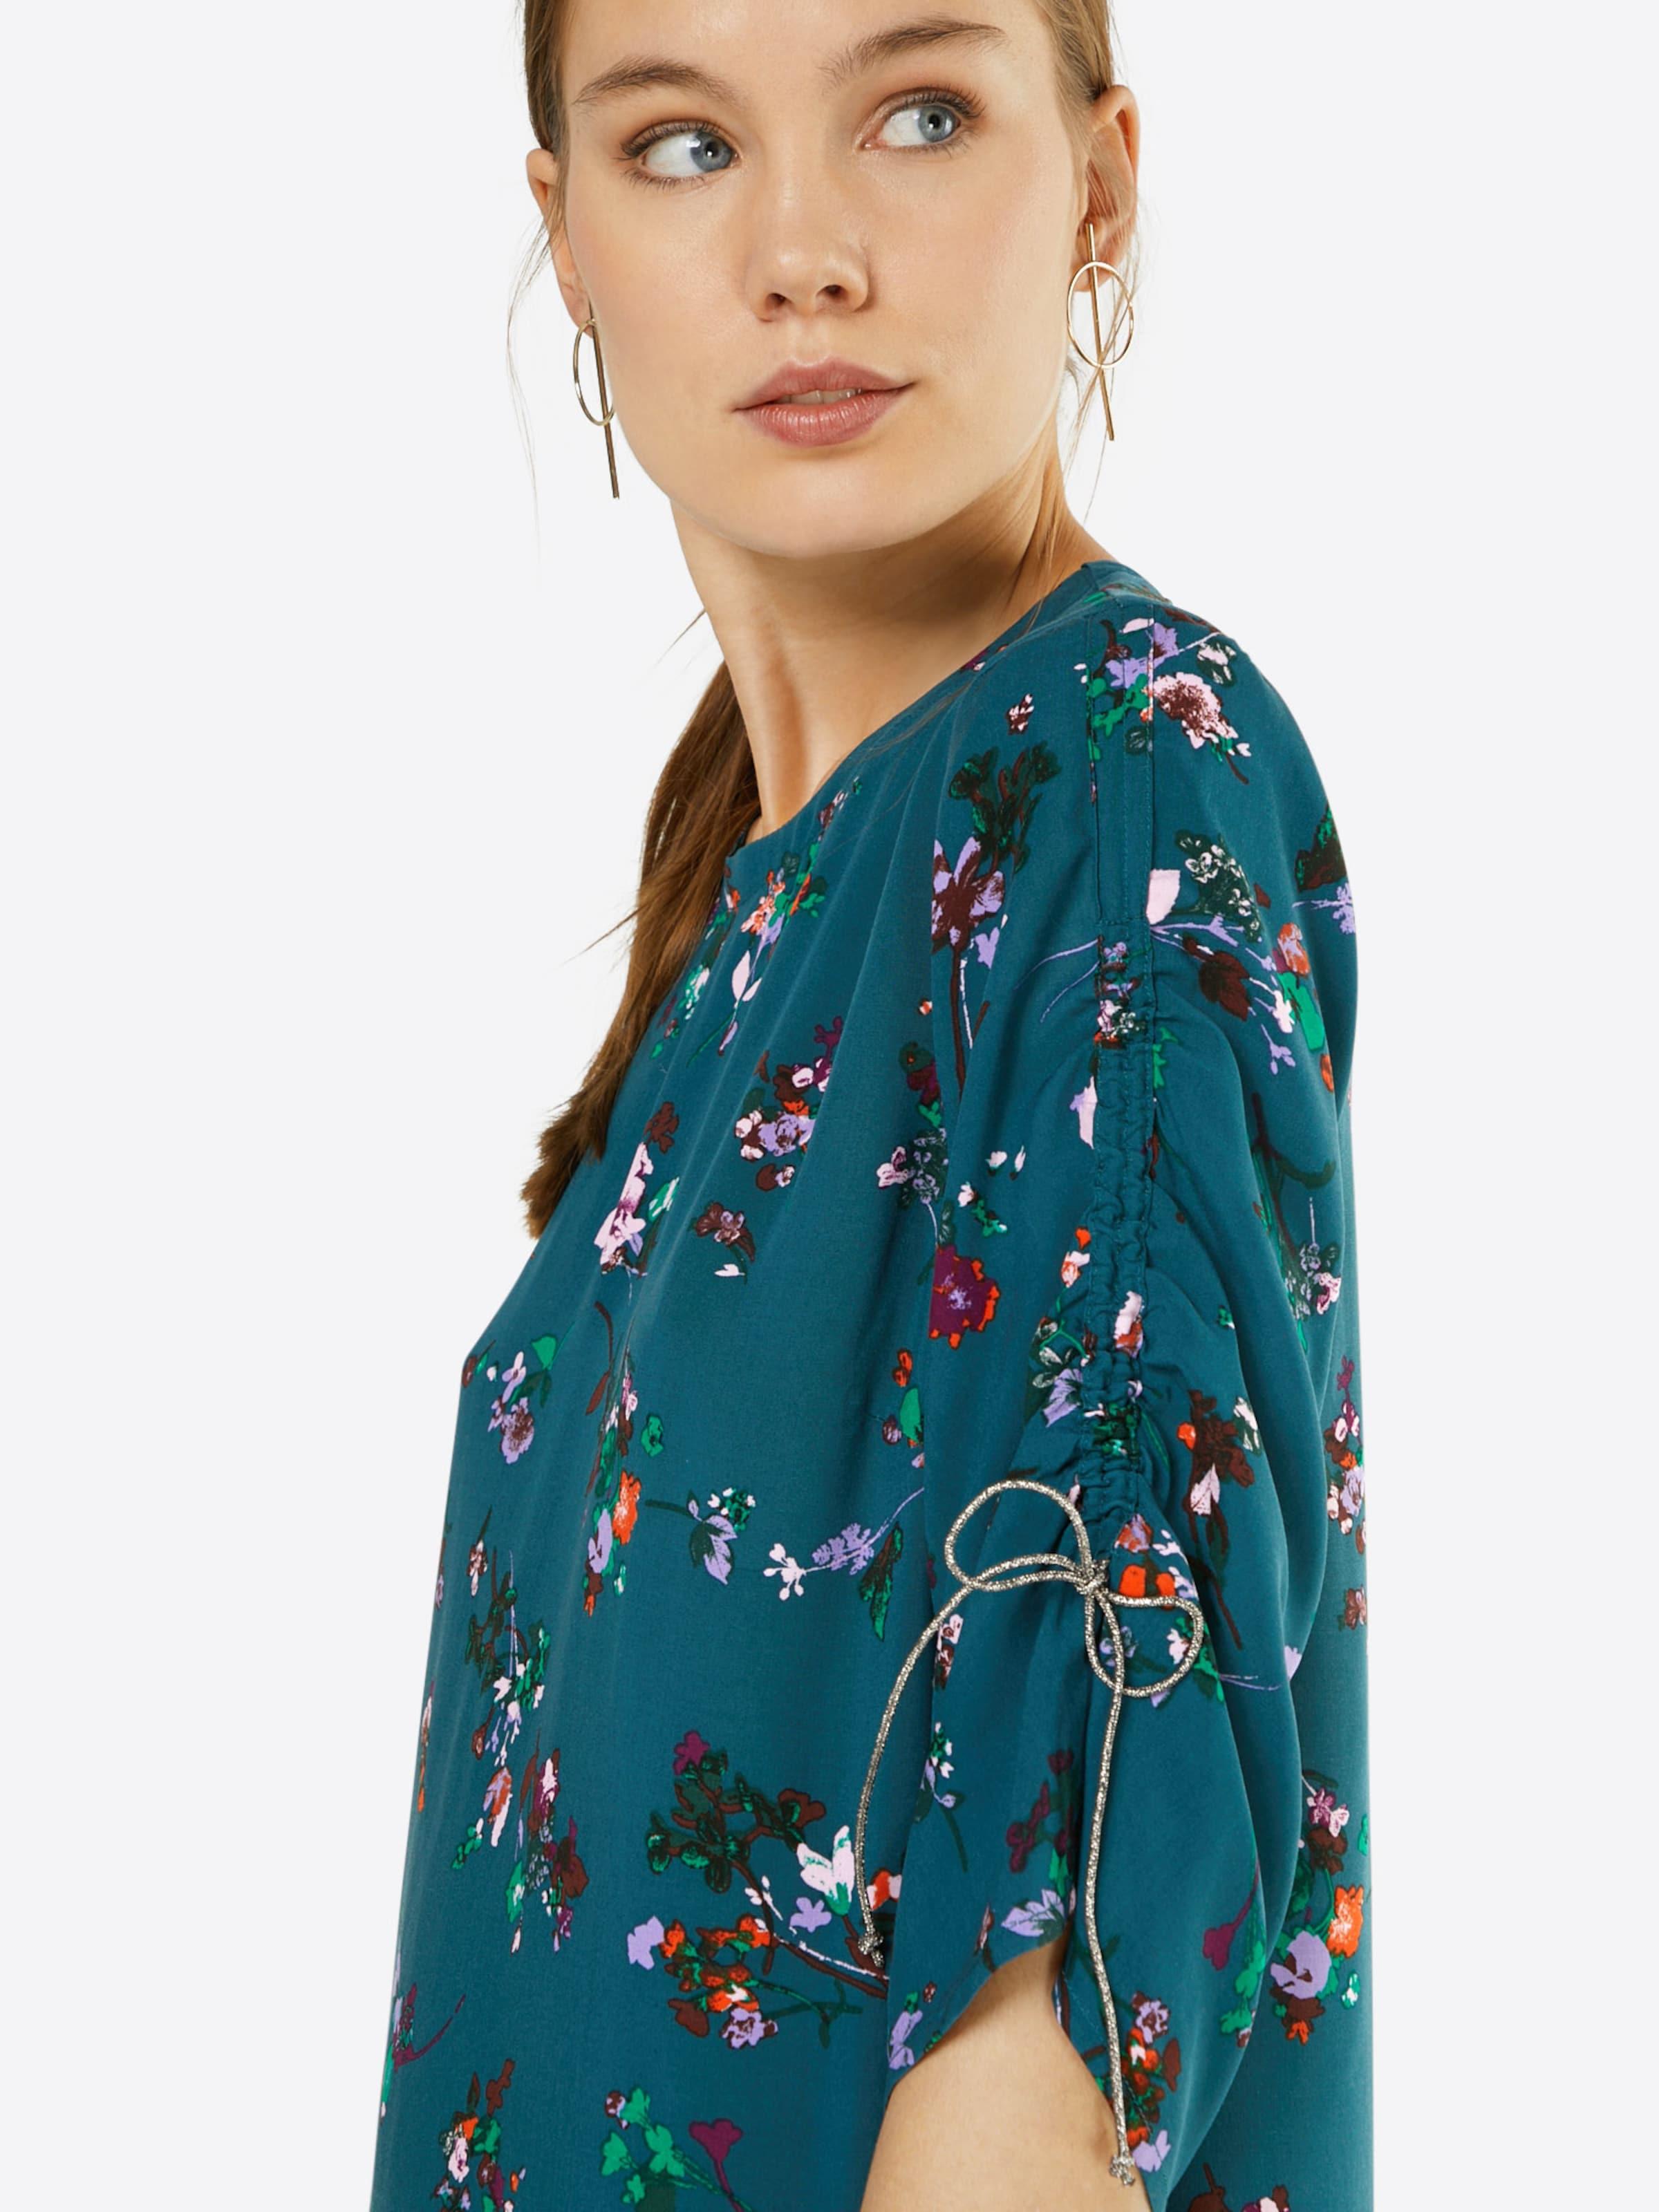 SAINT TROPEZ Kleid 'FLORAL PRINT' Günstig Kaufen Kosten Spielraum Footaction Günstig Kaufen Top-Qualität 7ipecwWt